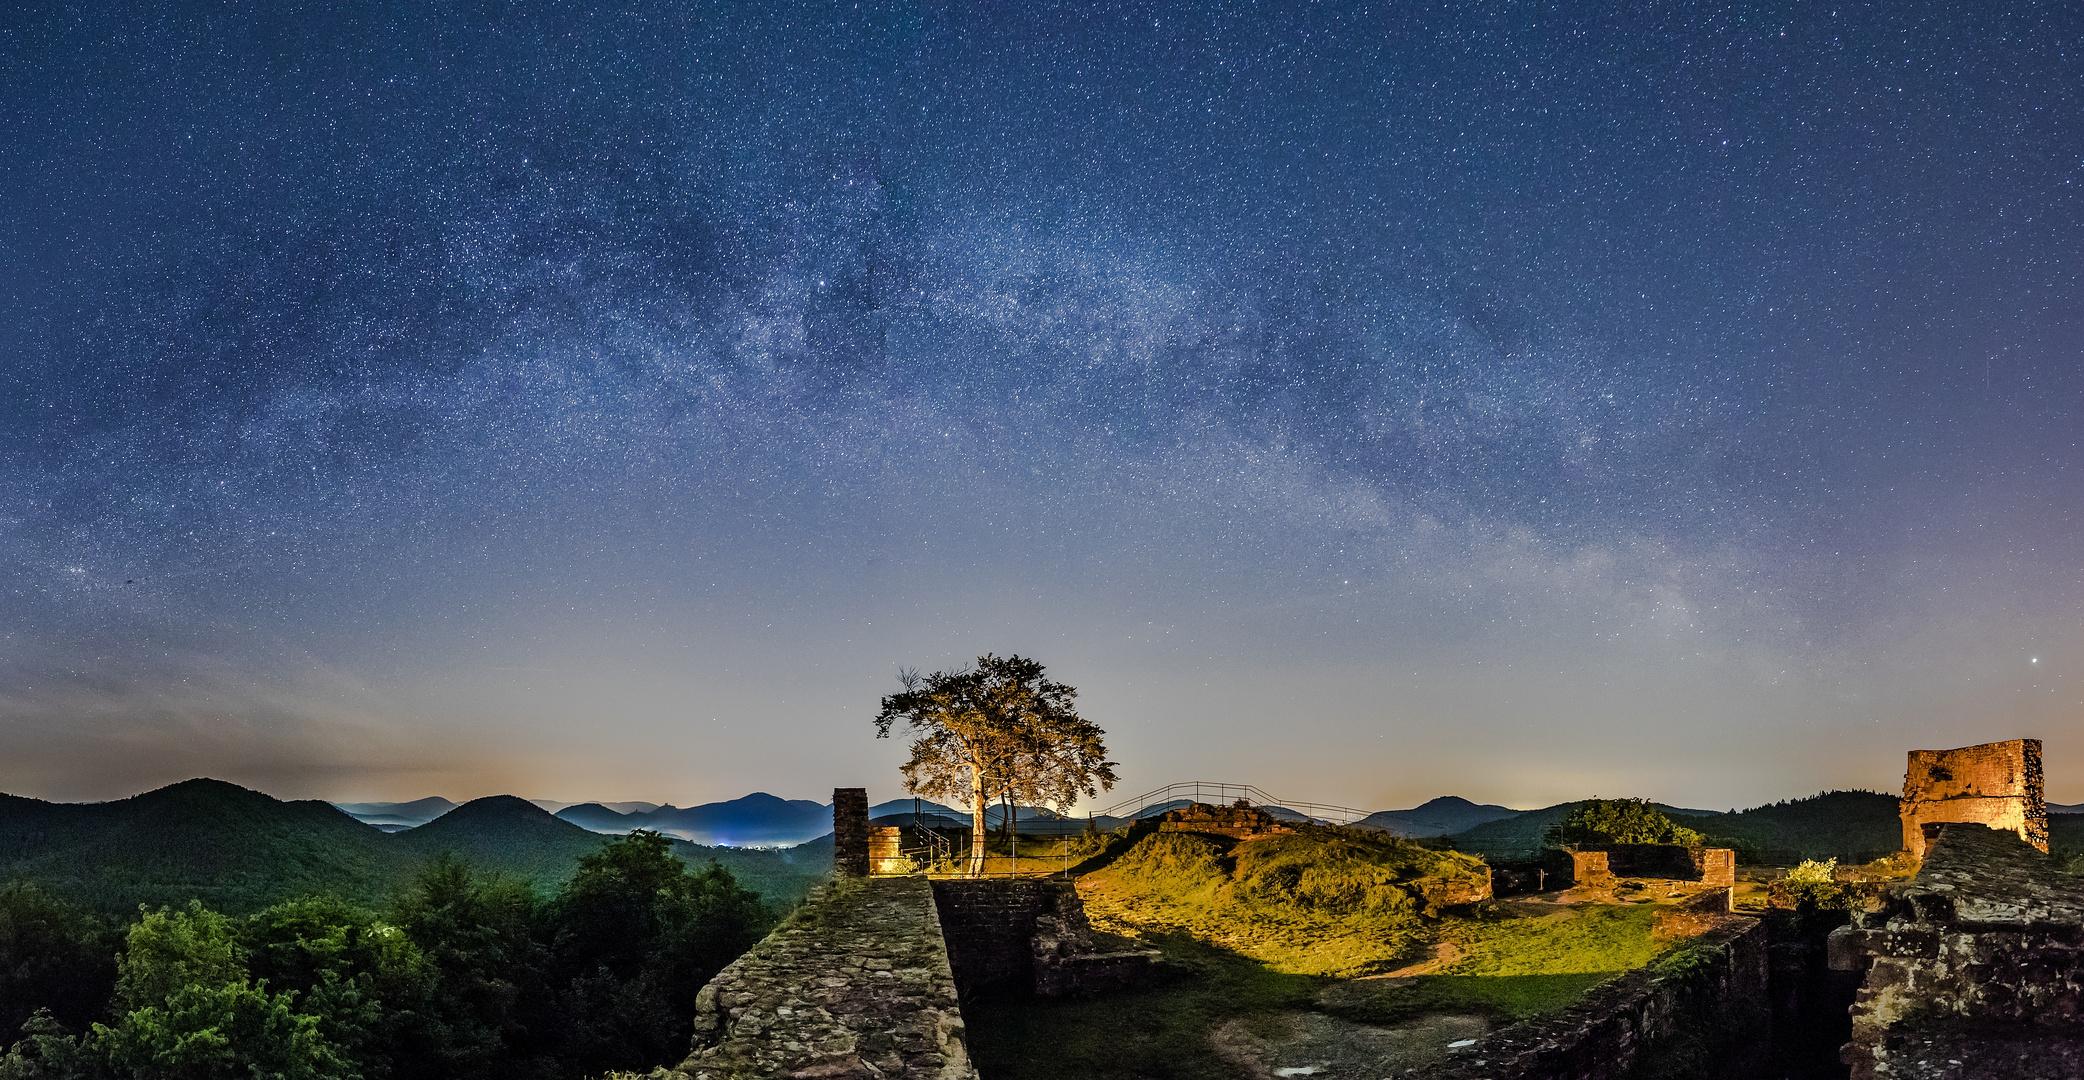 Der Nachthimmel über der Burg